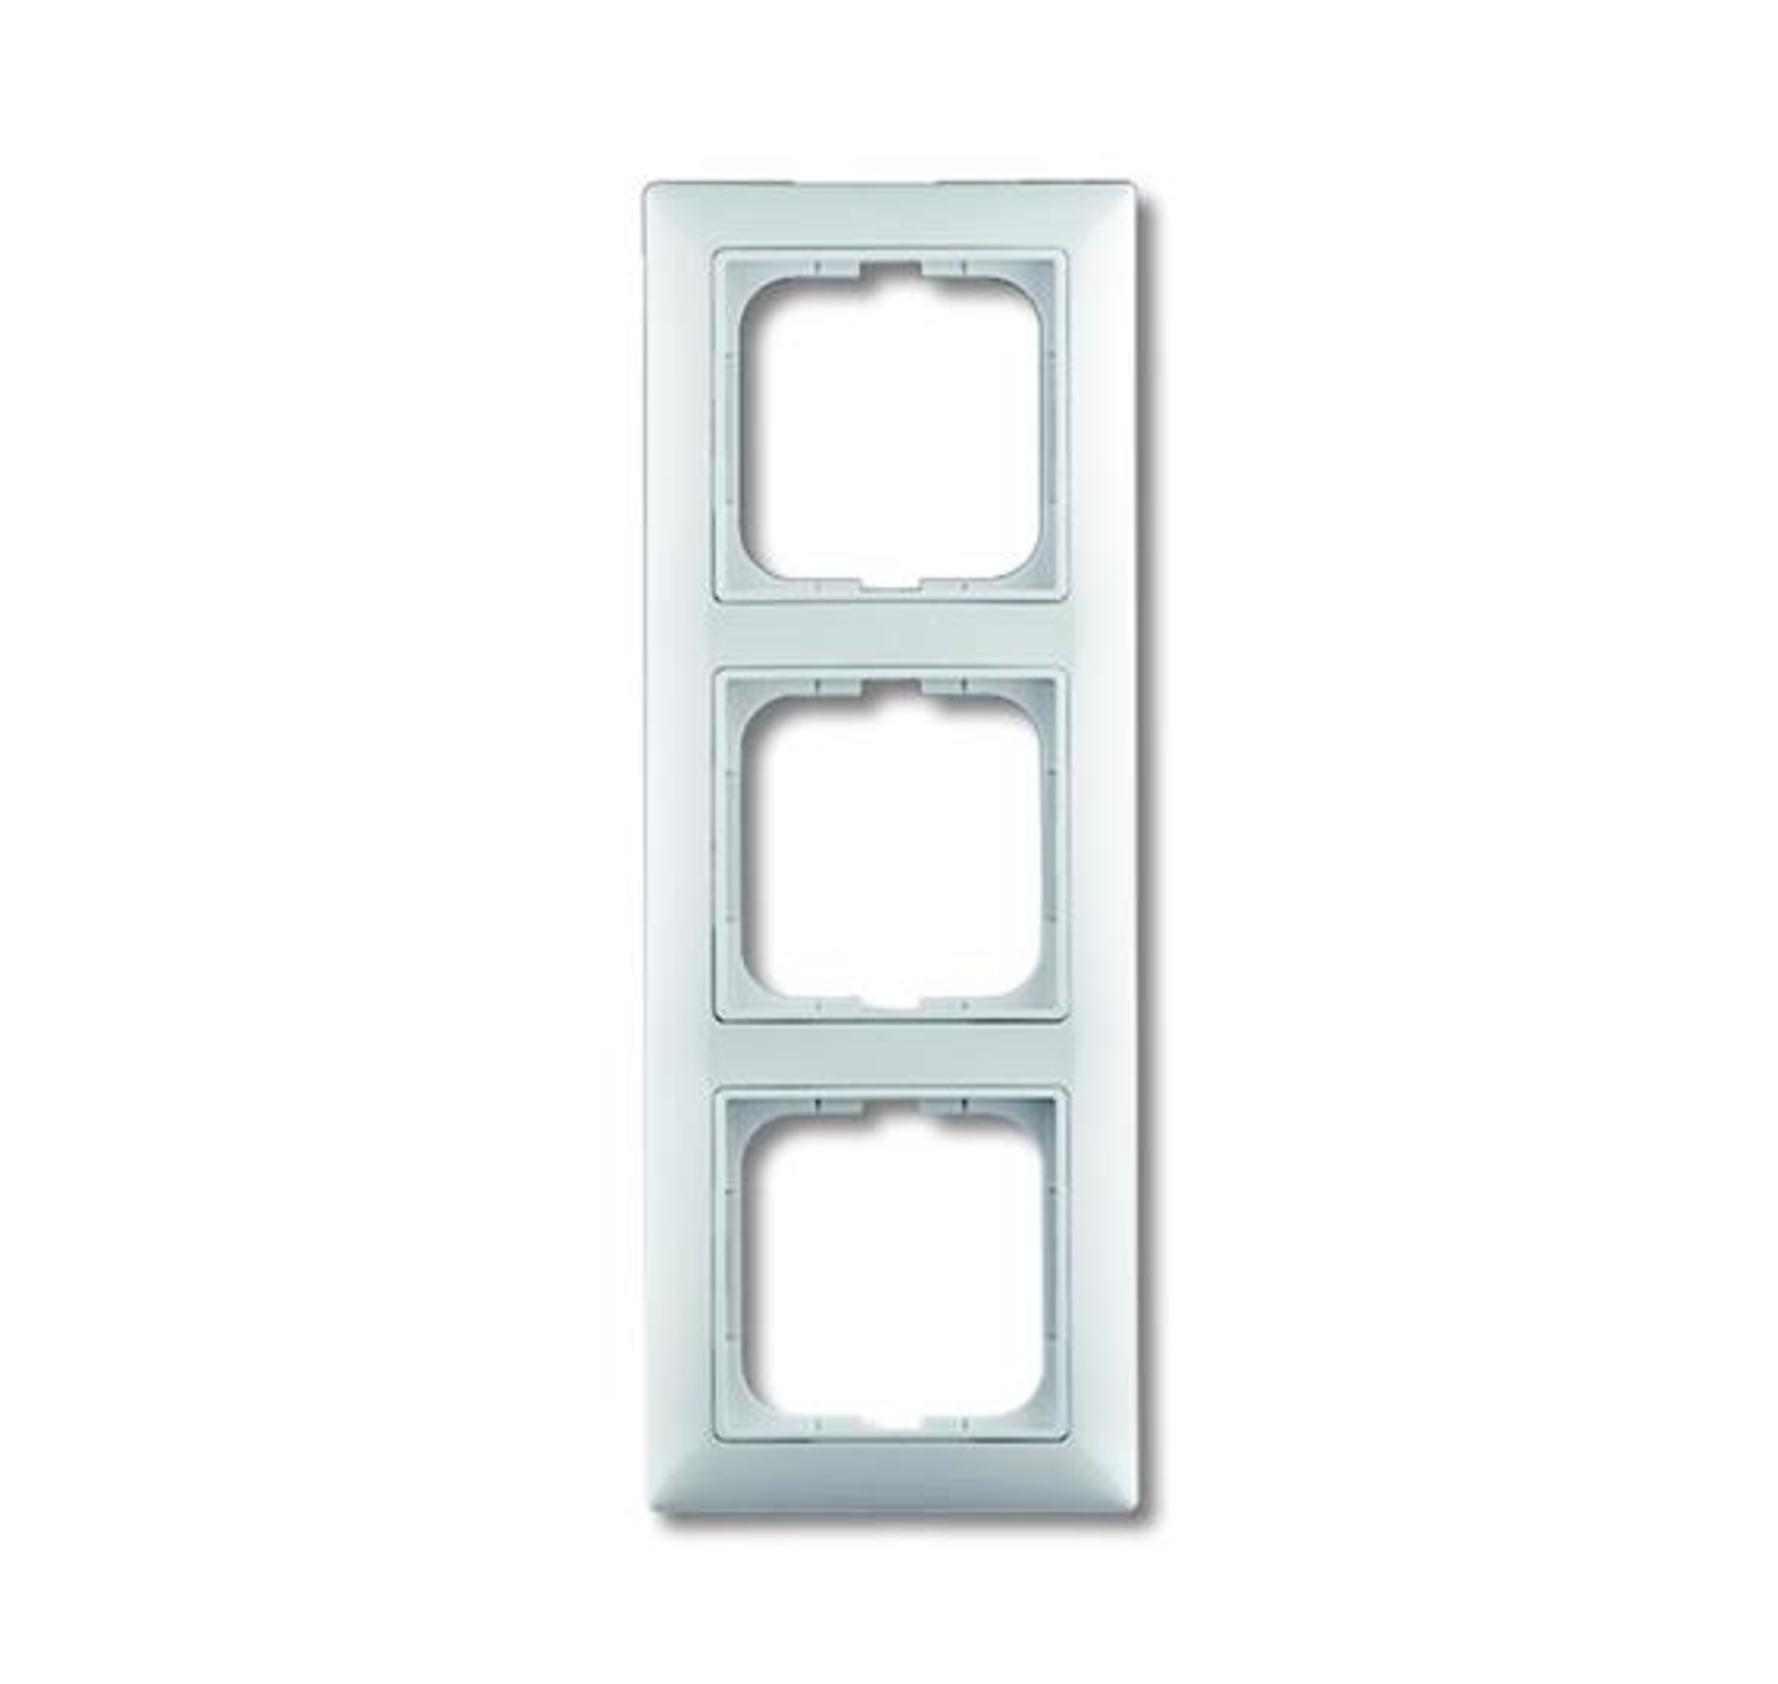 Rámček pre elektroinštalačné prístroje trojnásobný, biela